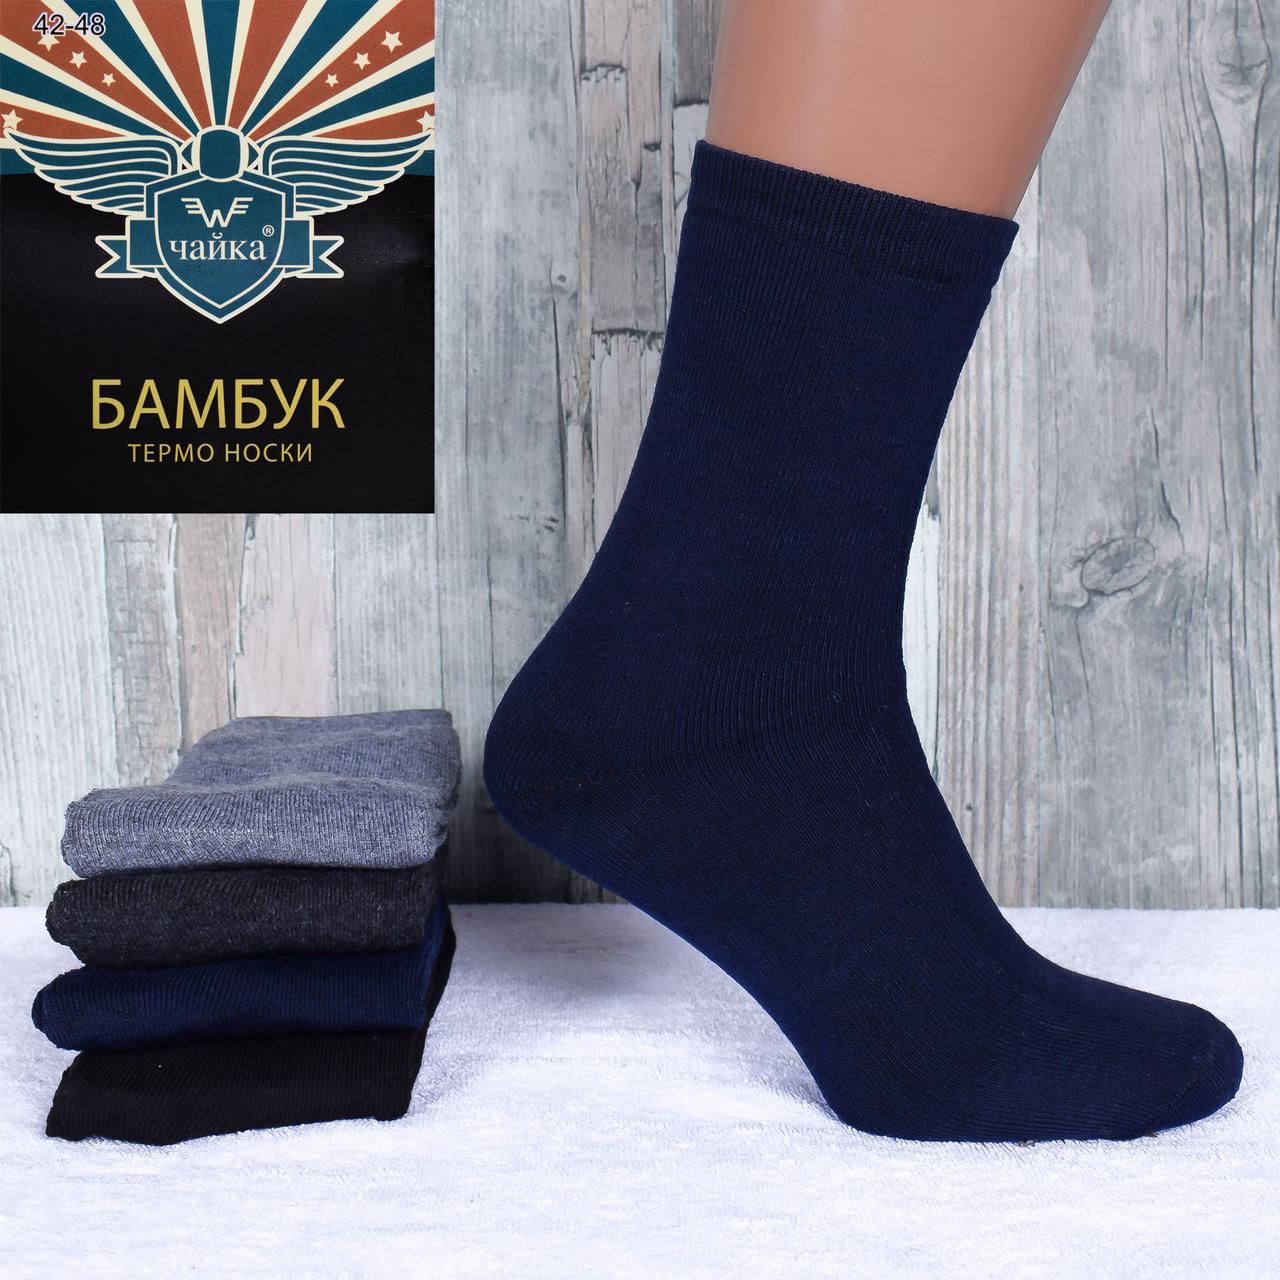 f548ebaa68fcd Мужские махровые носки Чайка А849. В упаковке 12 пар. - купить по ...